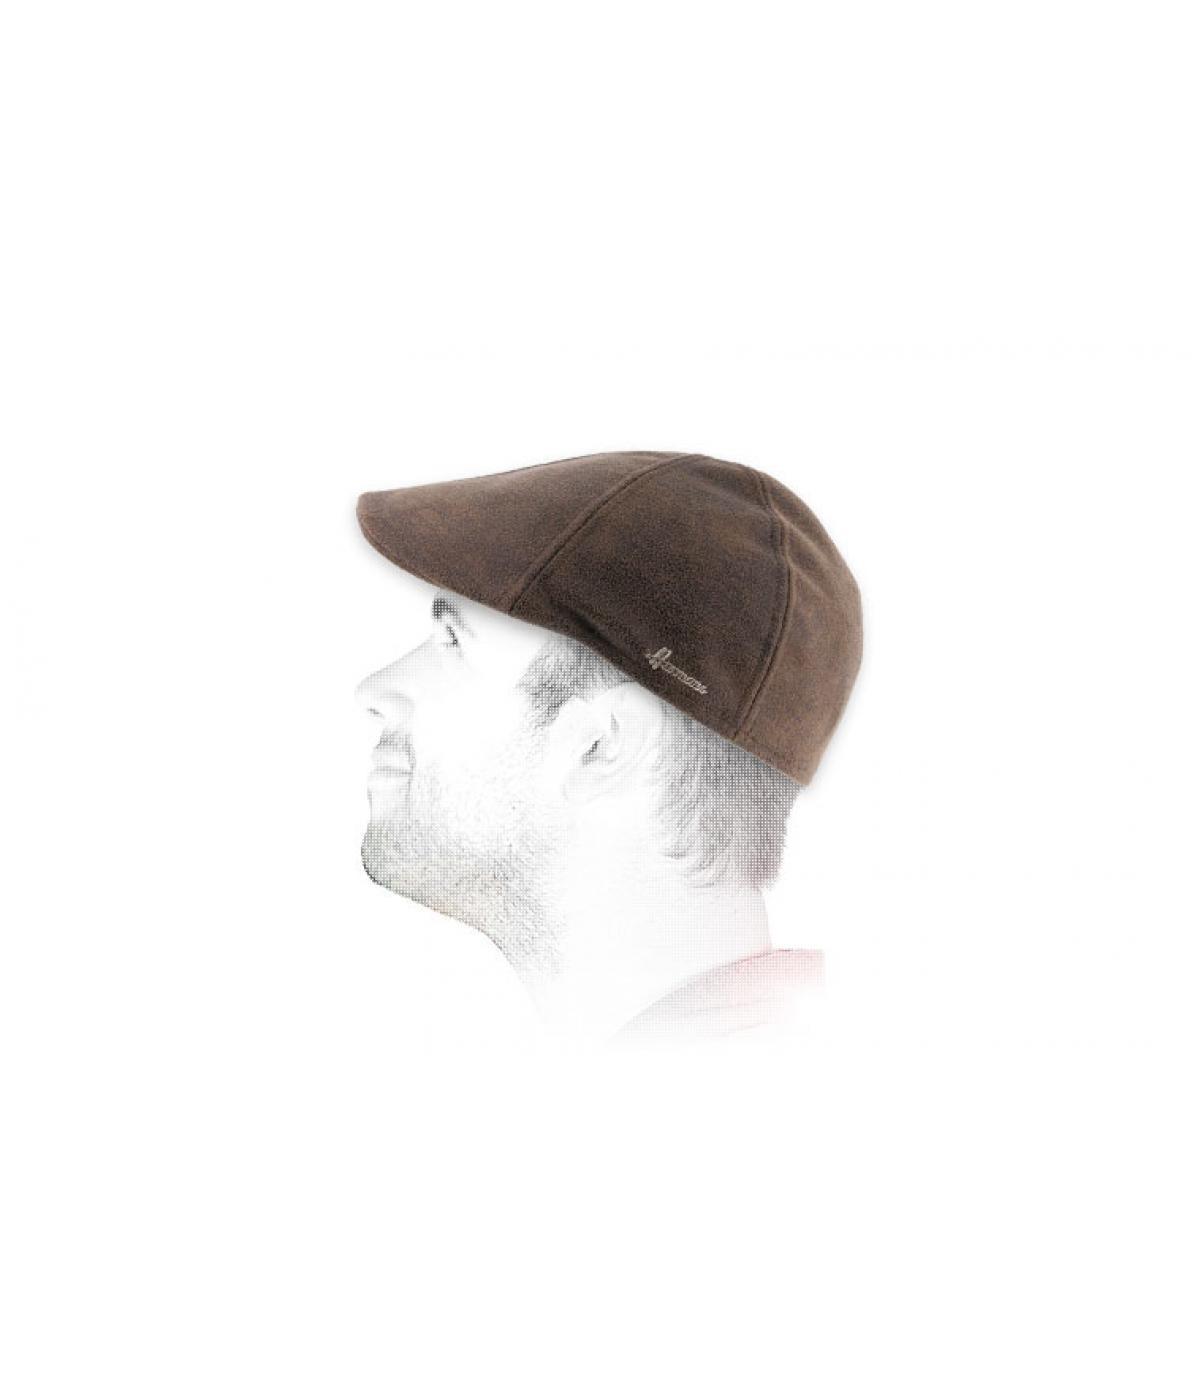 gorra duckbill marrón